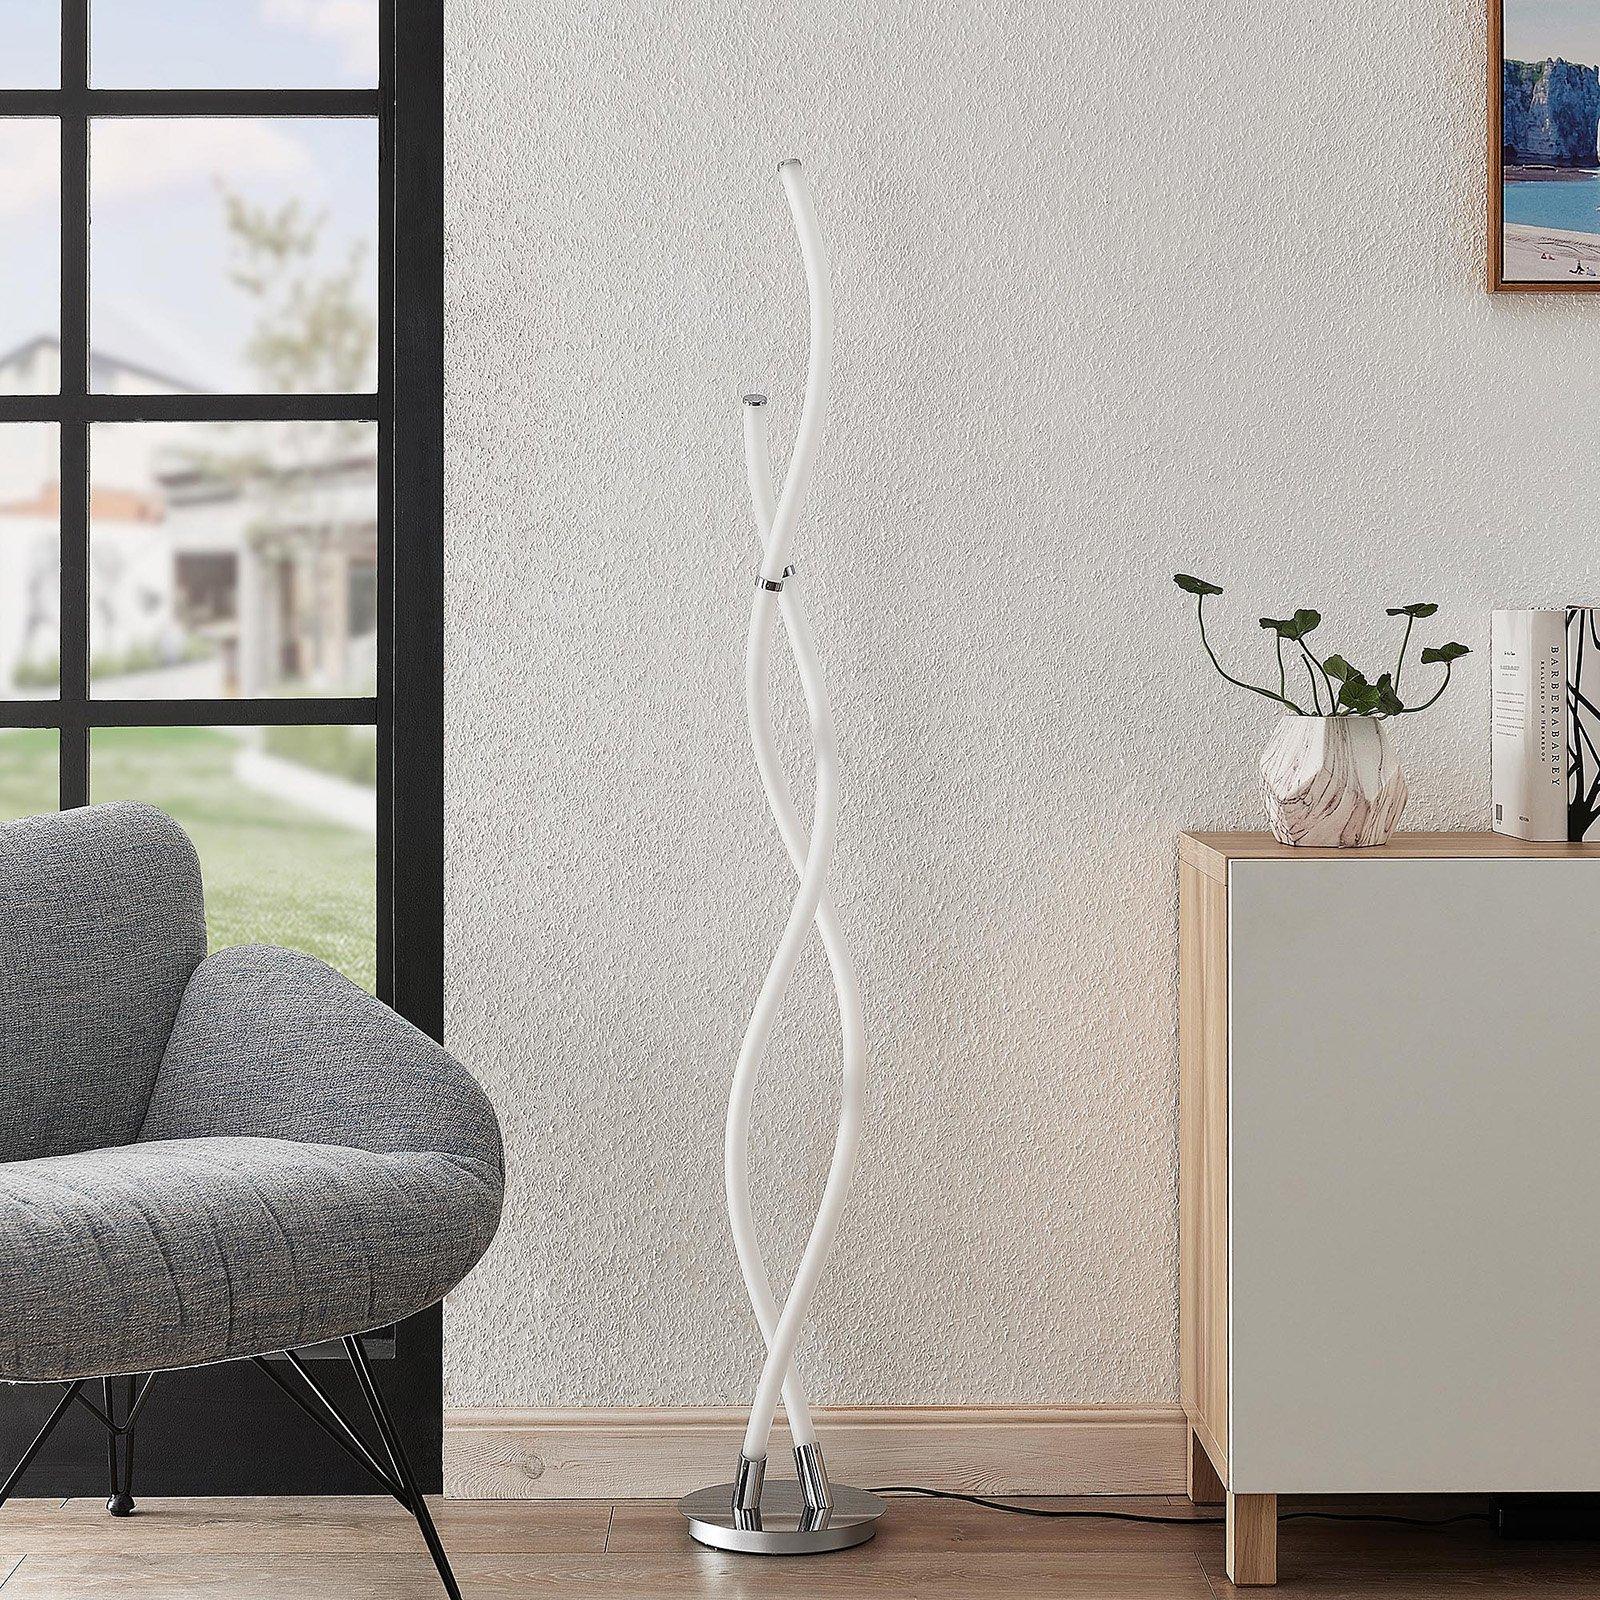 Lucande Wewa LED-gulvlampe, med dimmer